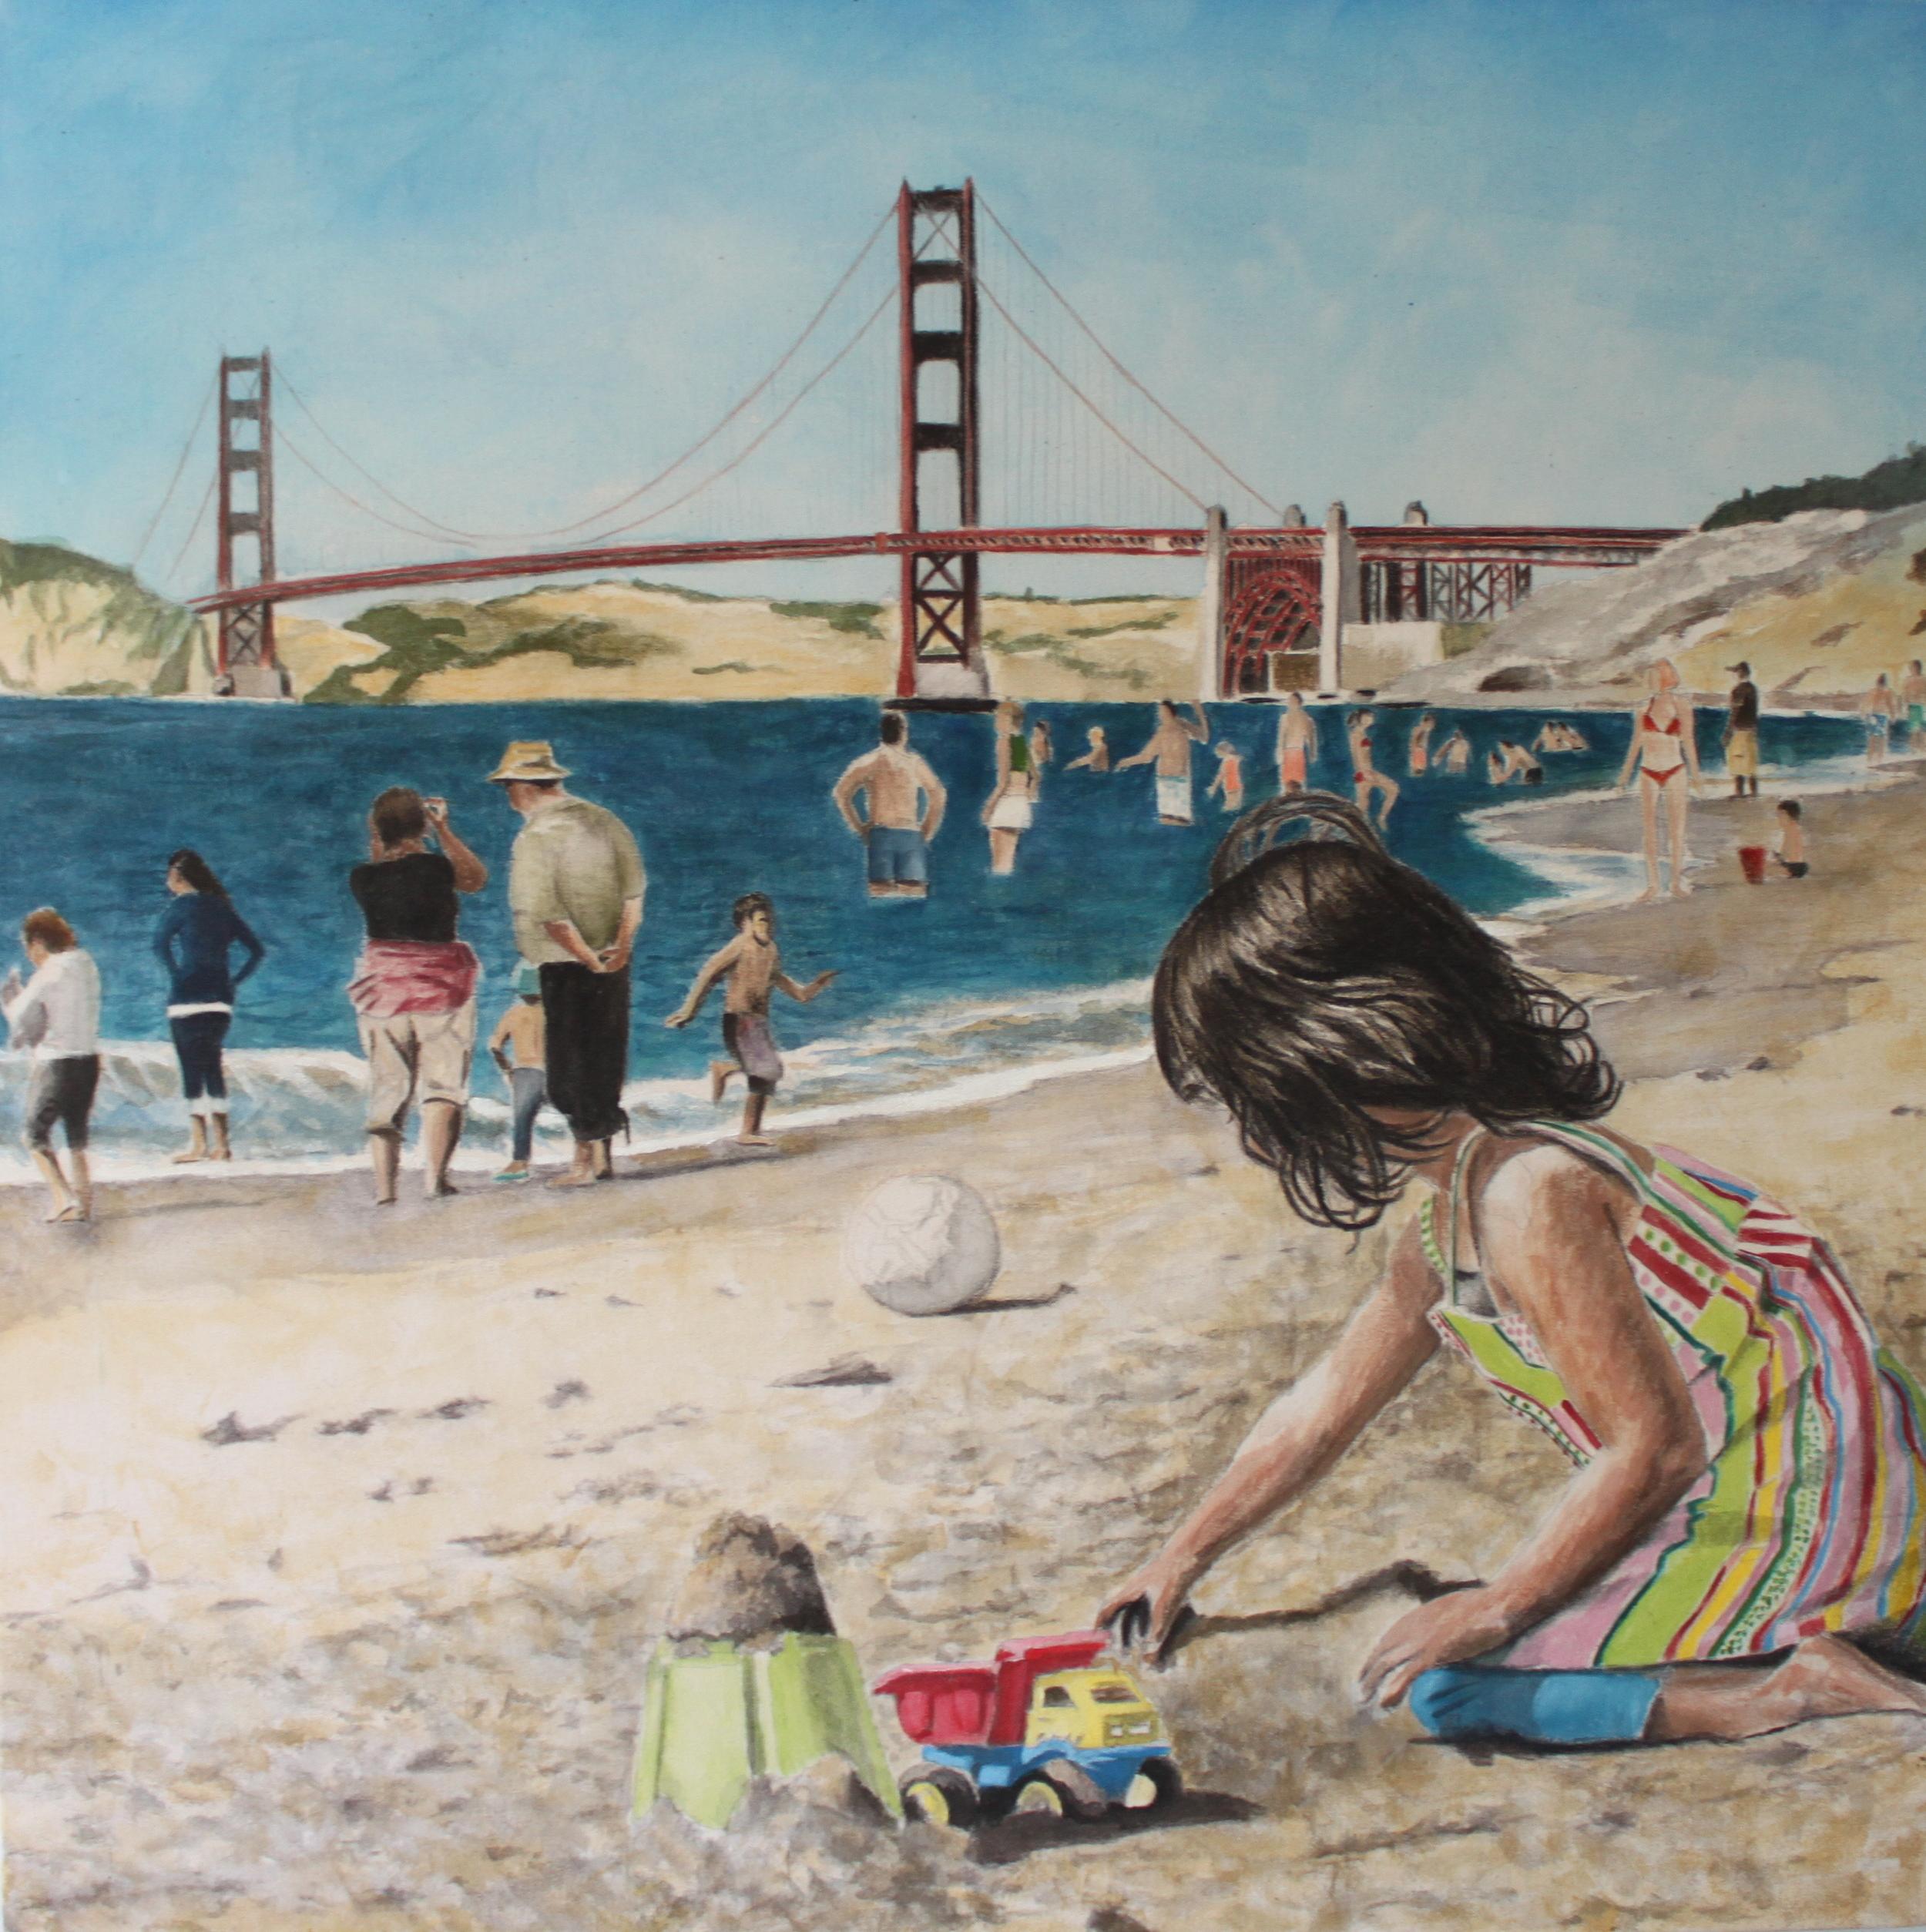 Baker Beach, 2010, acrylic on canvas, 36 x 36 in.